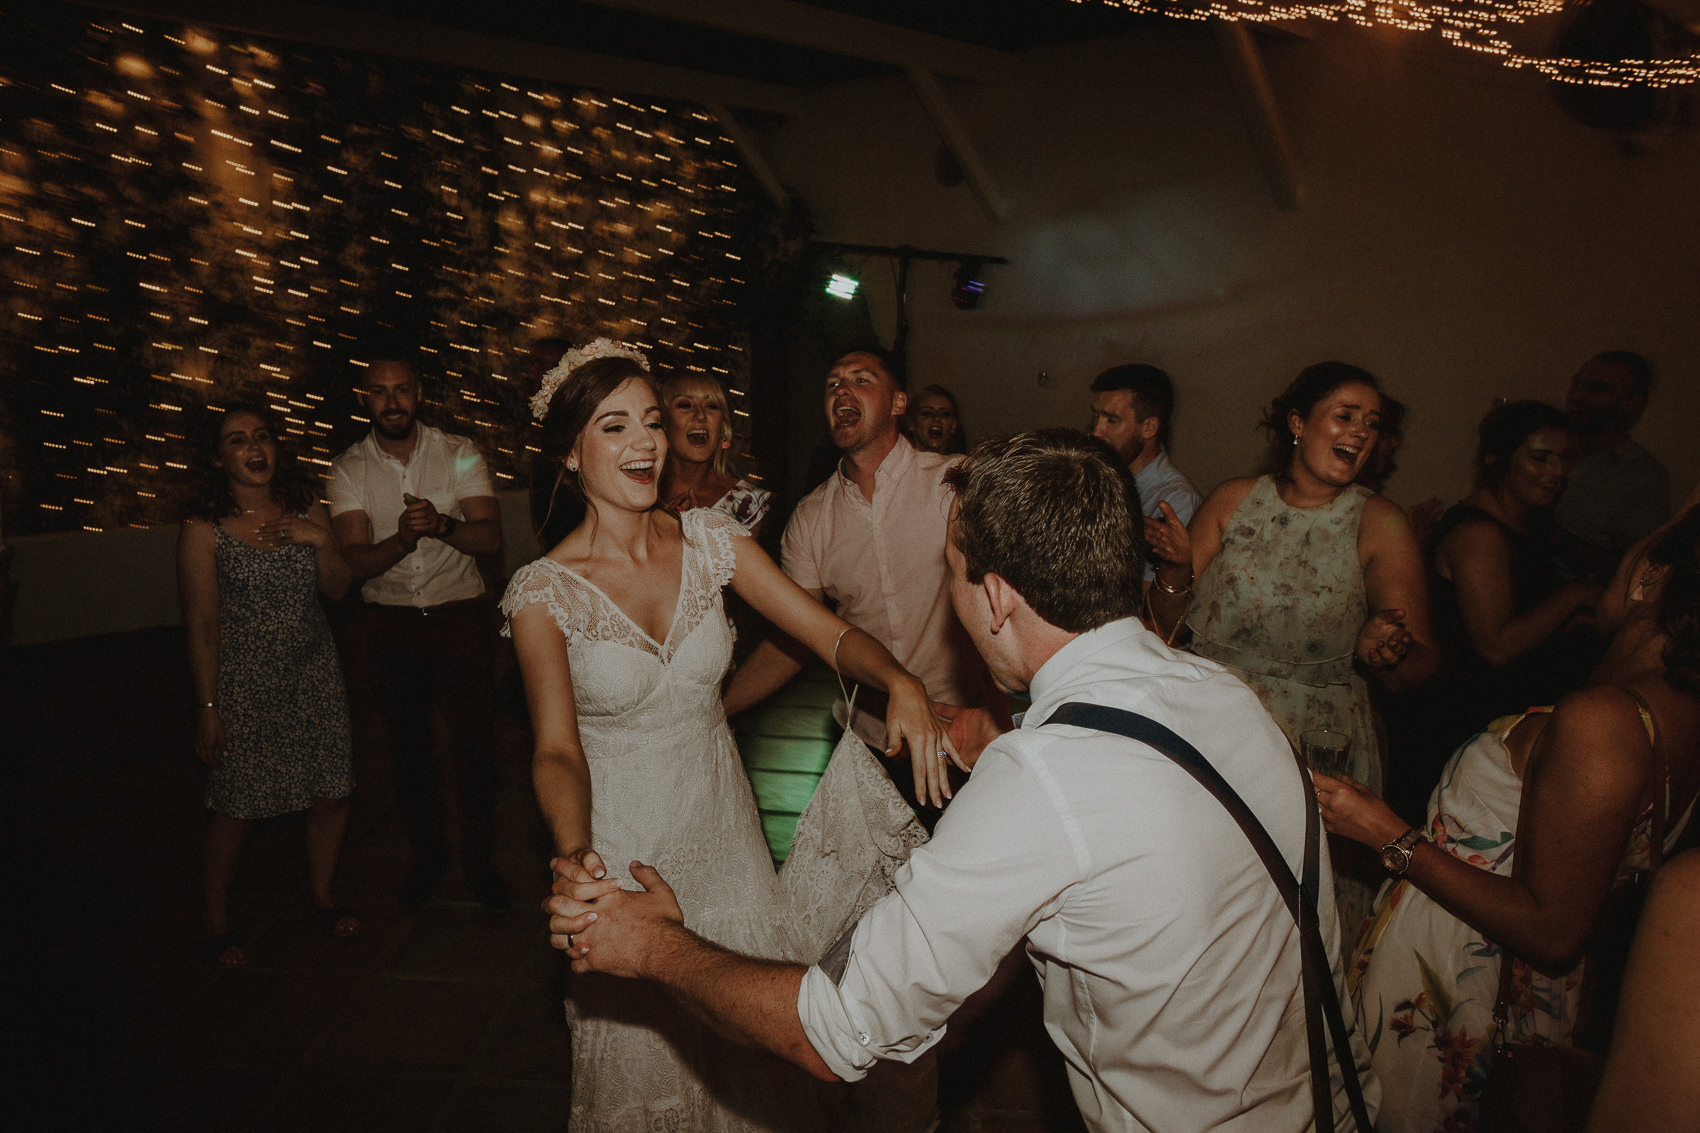 Sarah & Bill | Summer wedding at Cortijo Rosa Blanca | Marbella - Spain 165